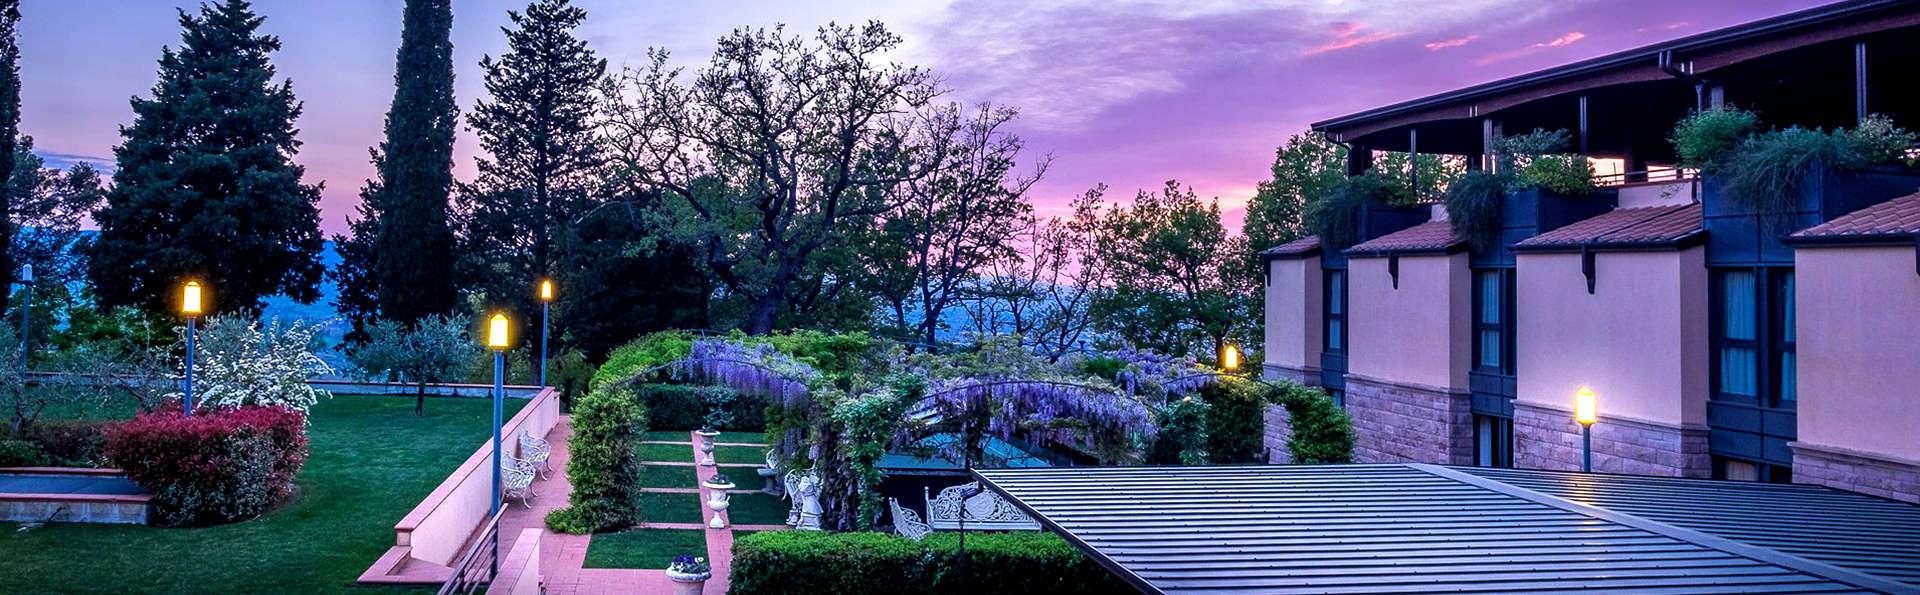 Classe ed eleganza tra i colori di Assisi con accesso spa